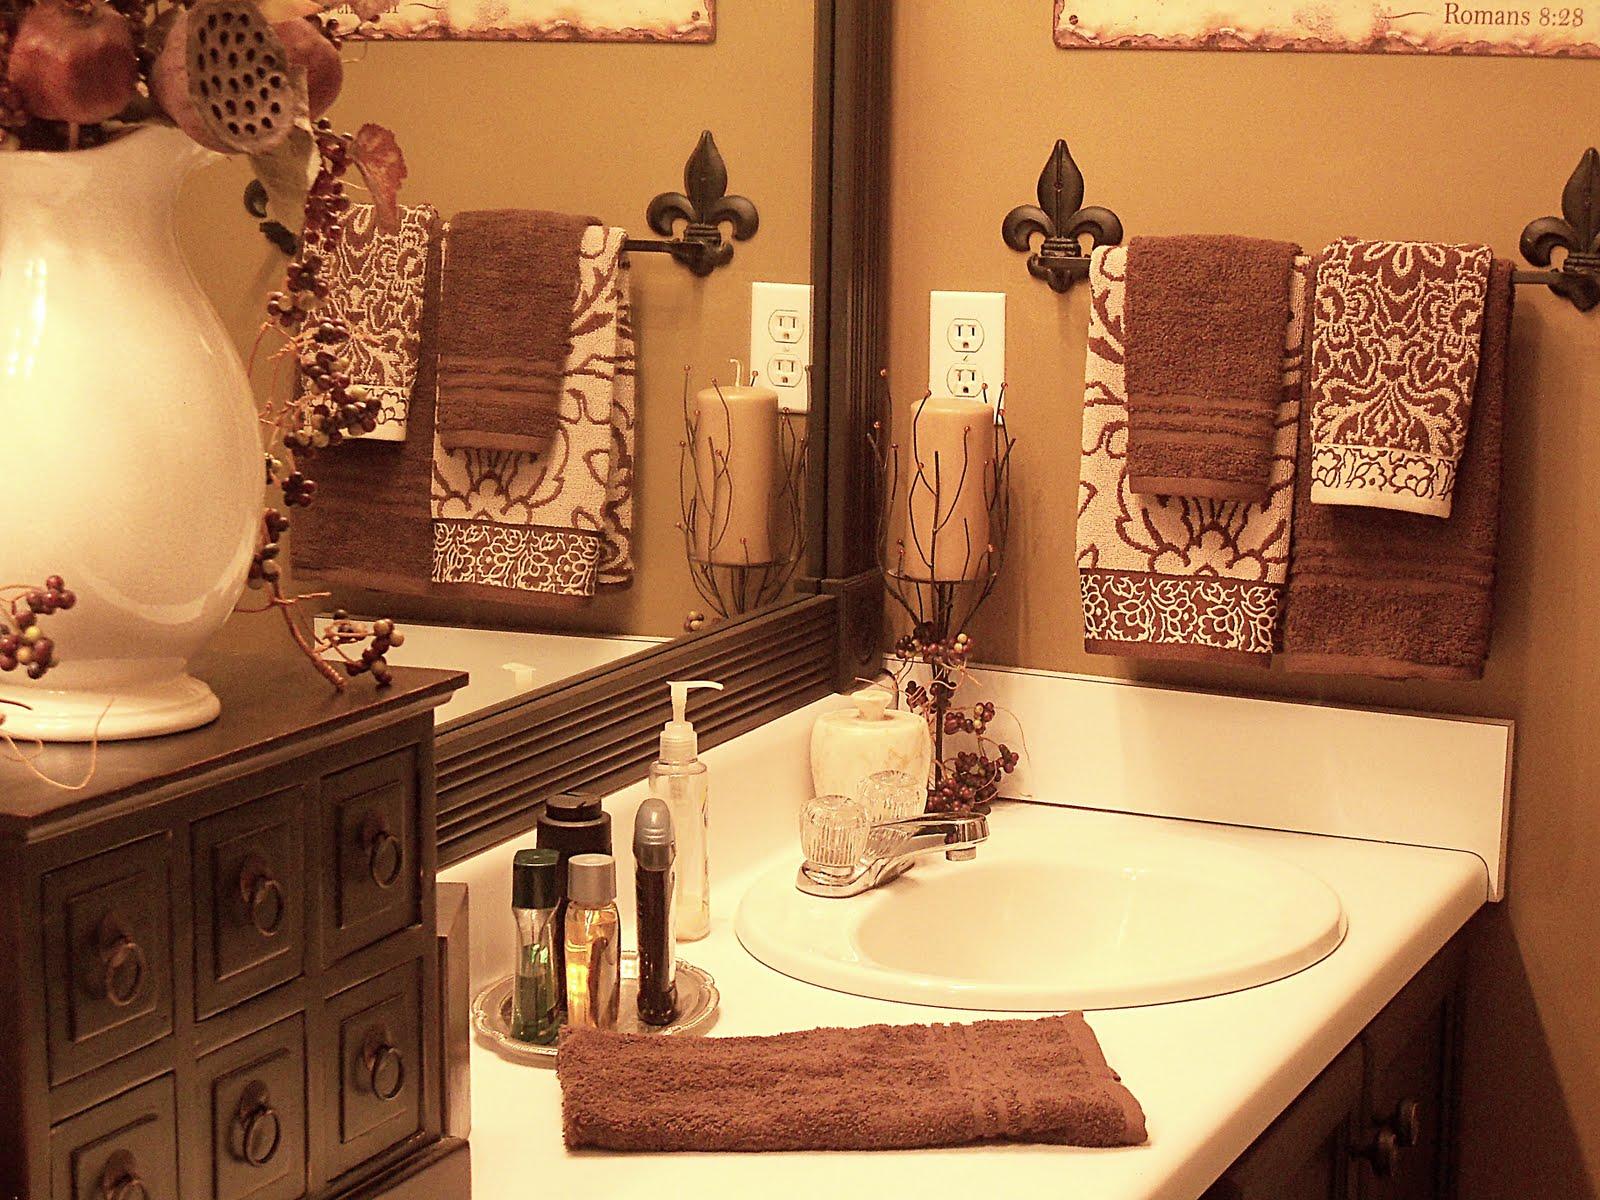 Boiserie c 26 bagni classici con stile - Arredo bagno classico elegante ...